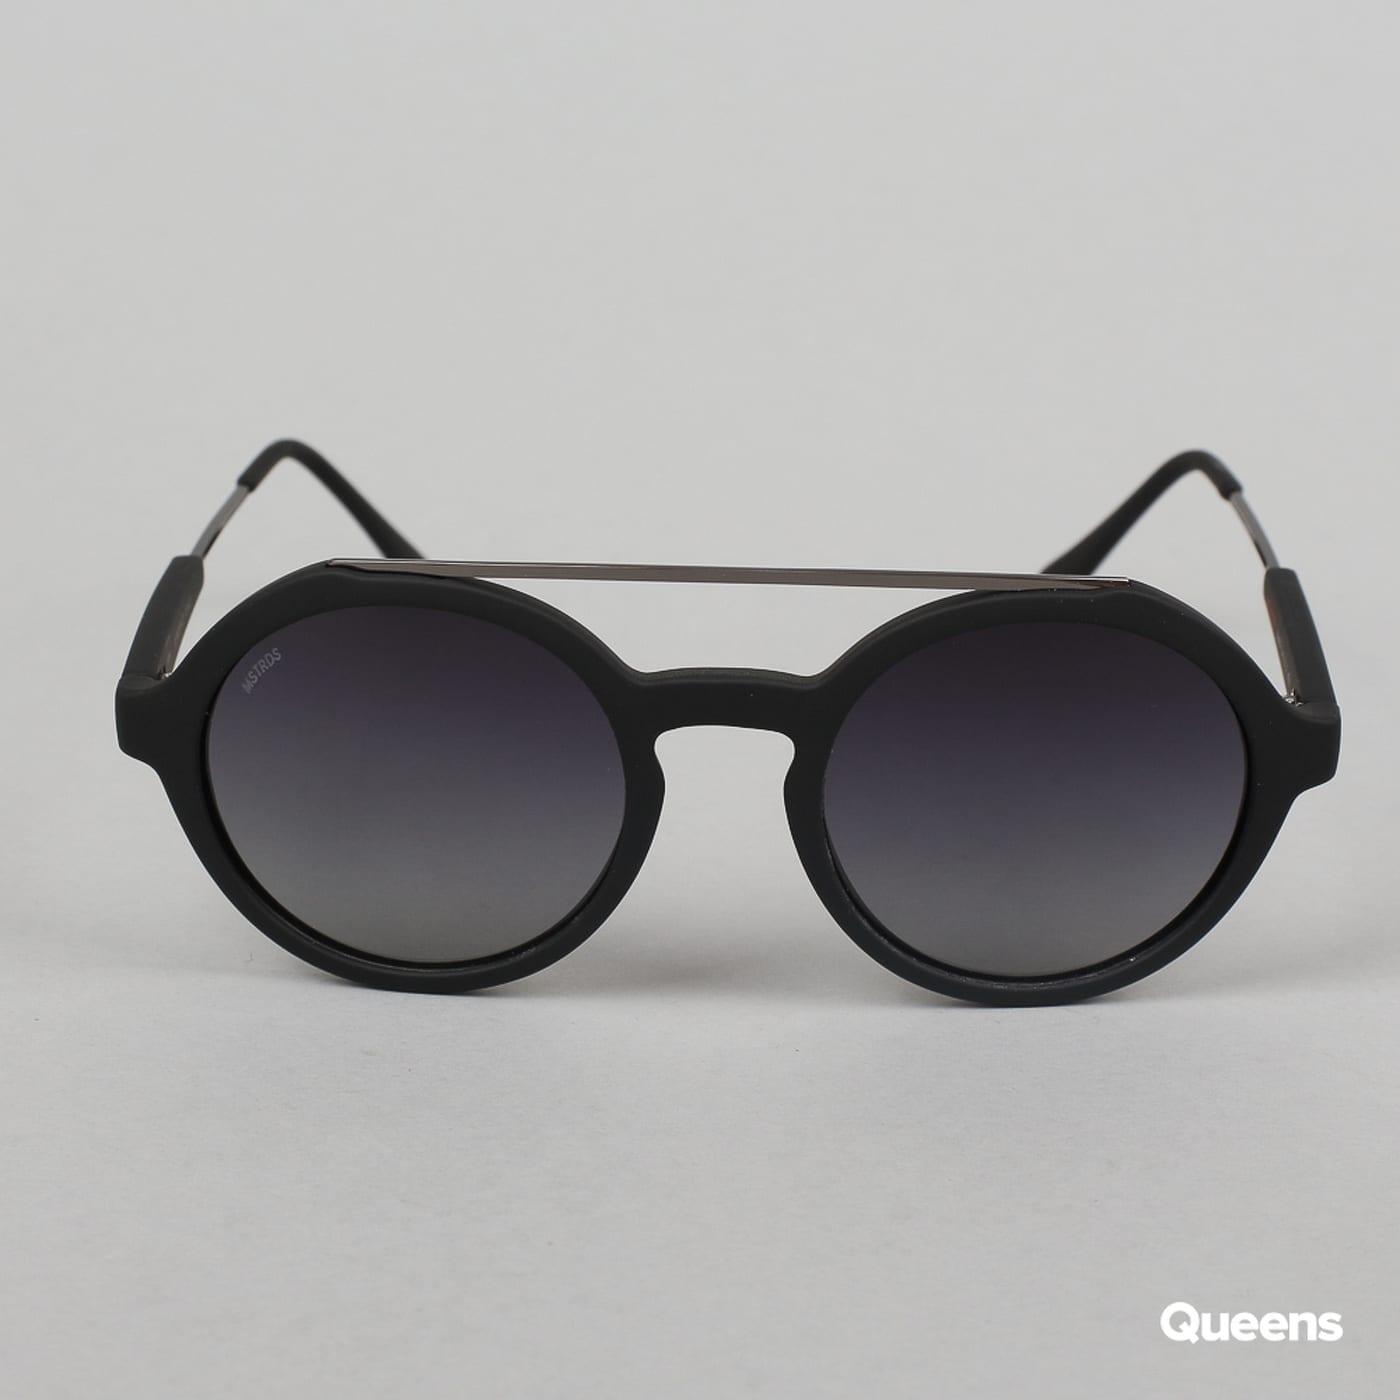 MD Sunglasses Retro Space black / gray